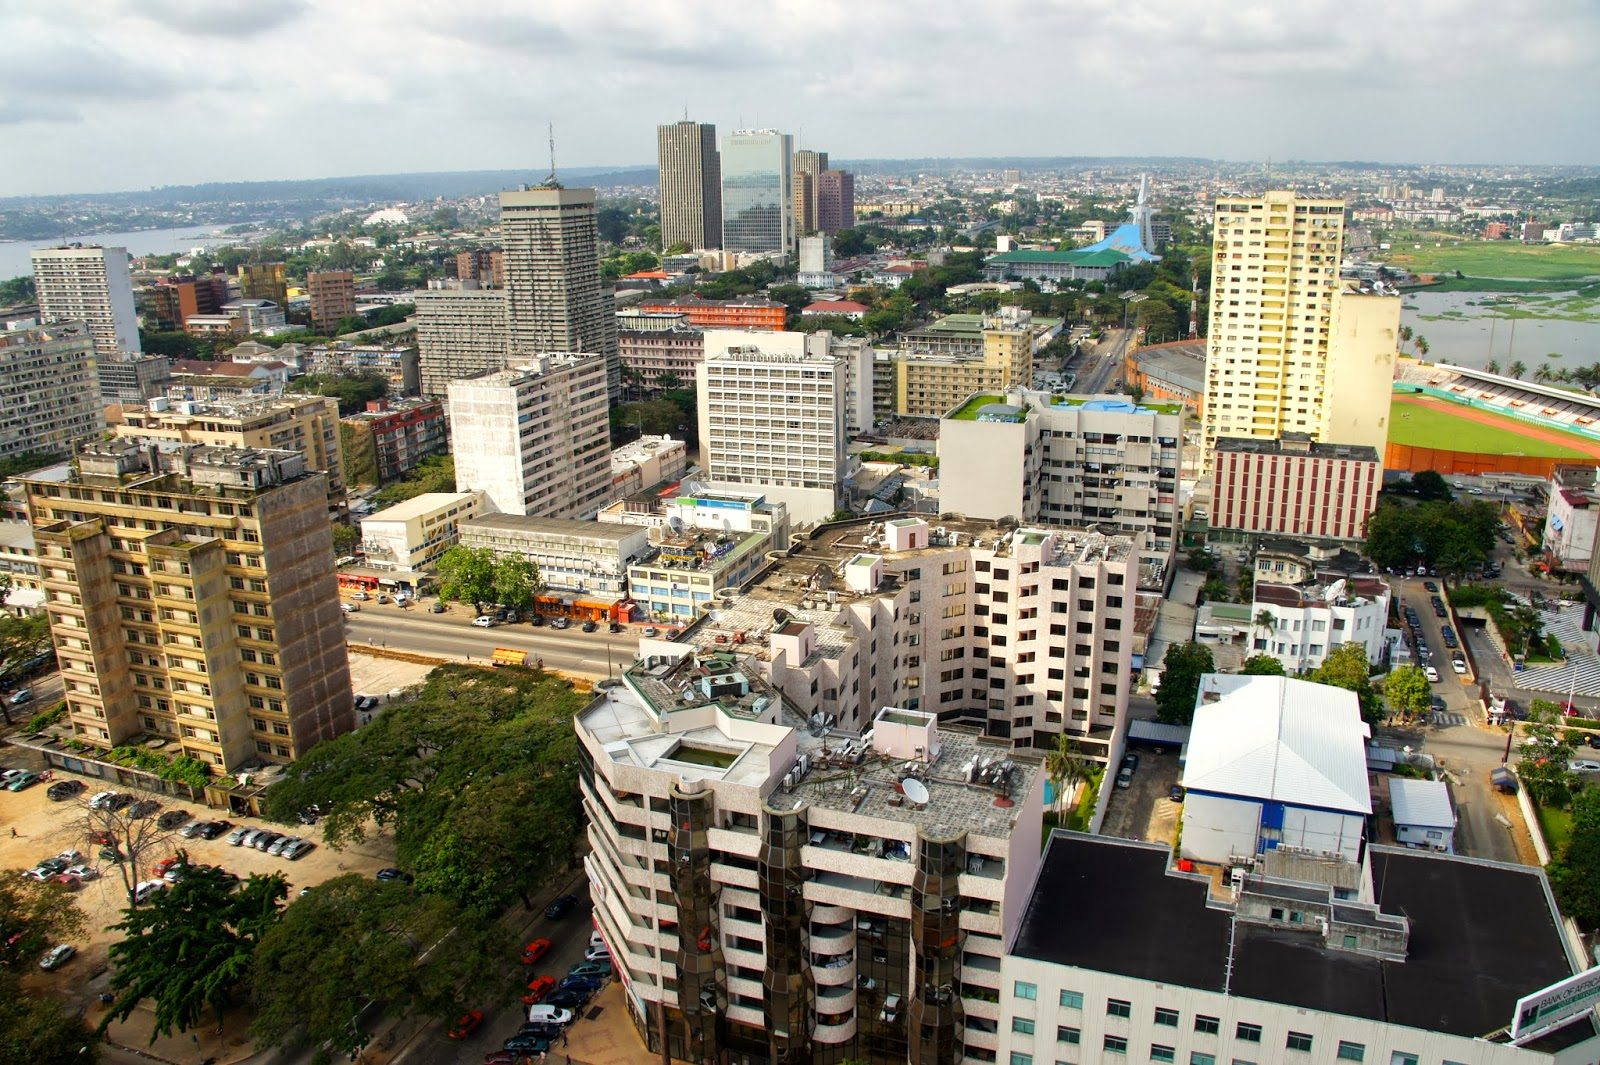 18 mois au pays des l phants abidjan photos prises du haut d 39 une tour de 23 etages. Black Bedroom Furniture Sets. Home Design Ideas